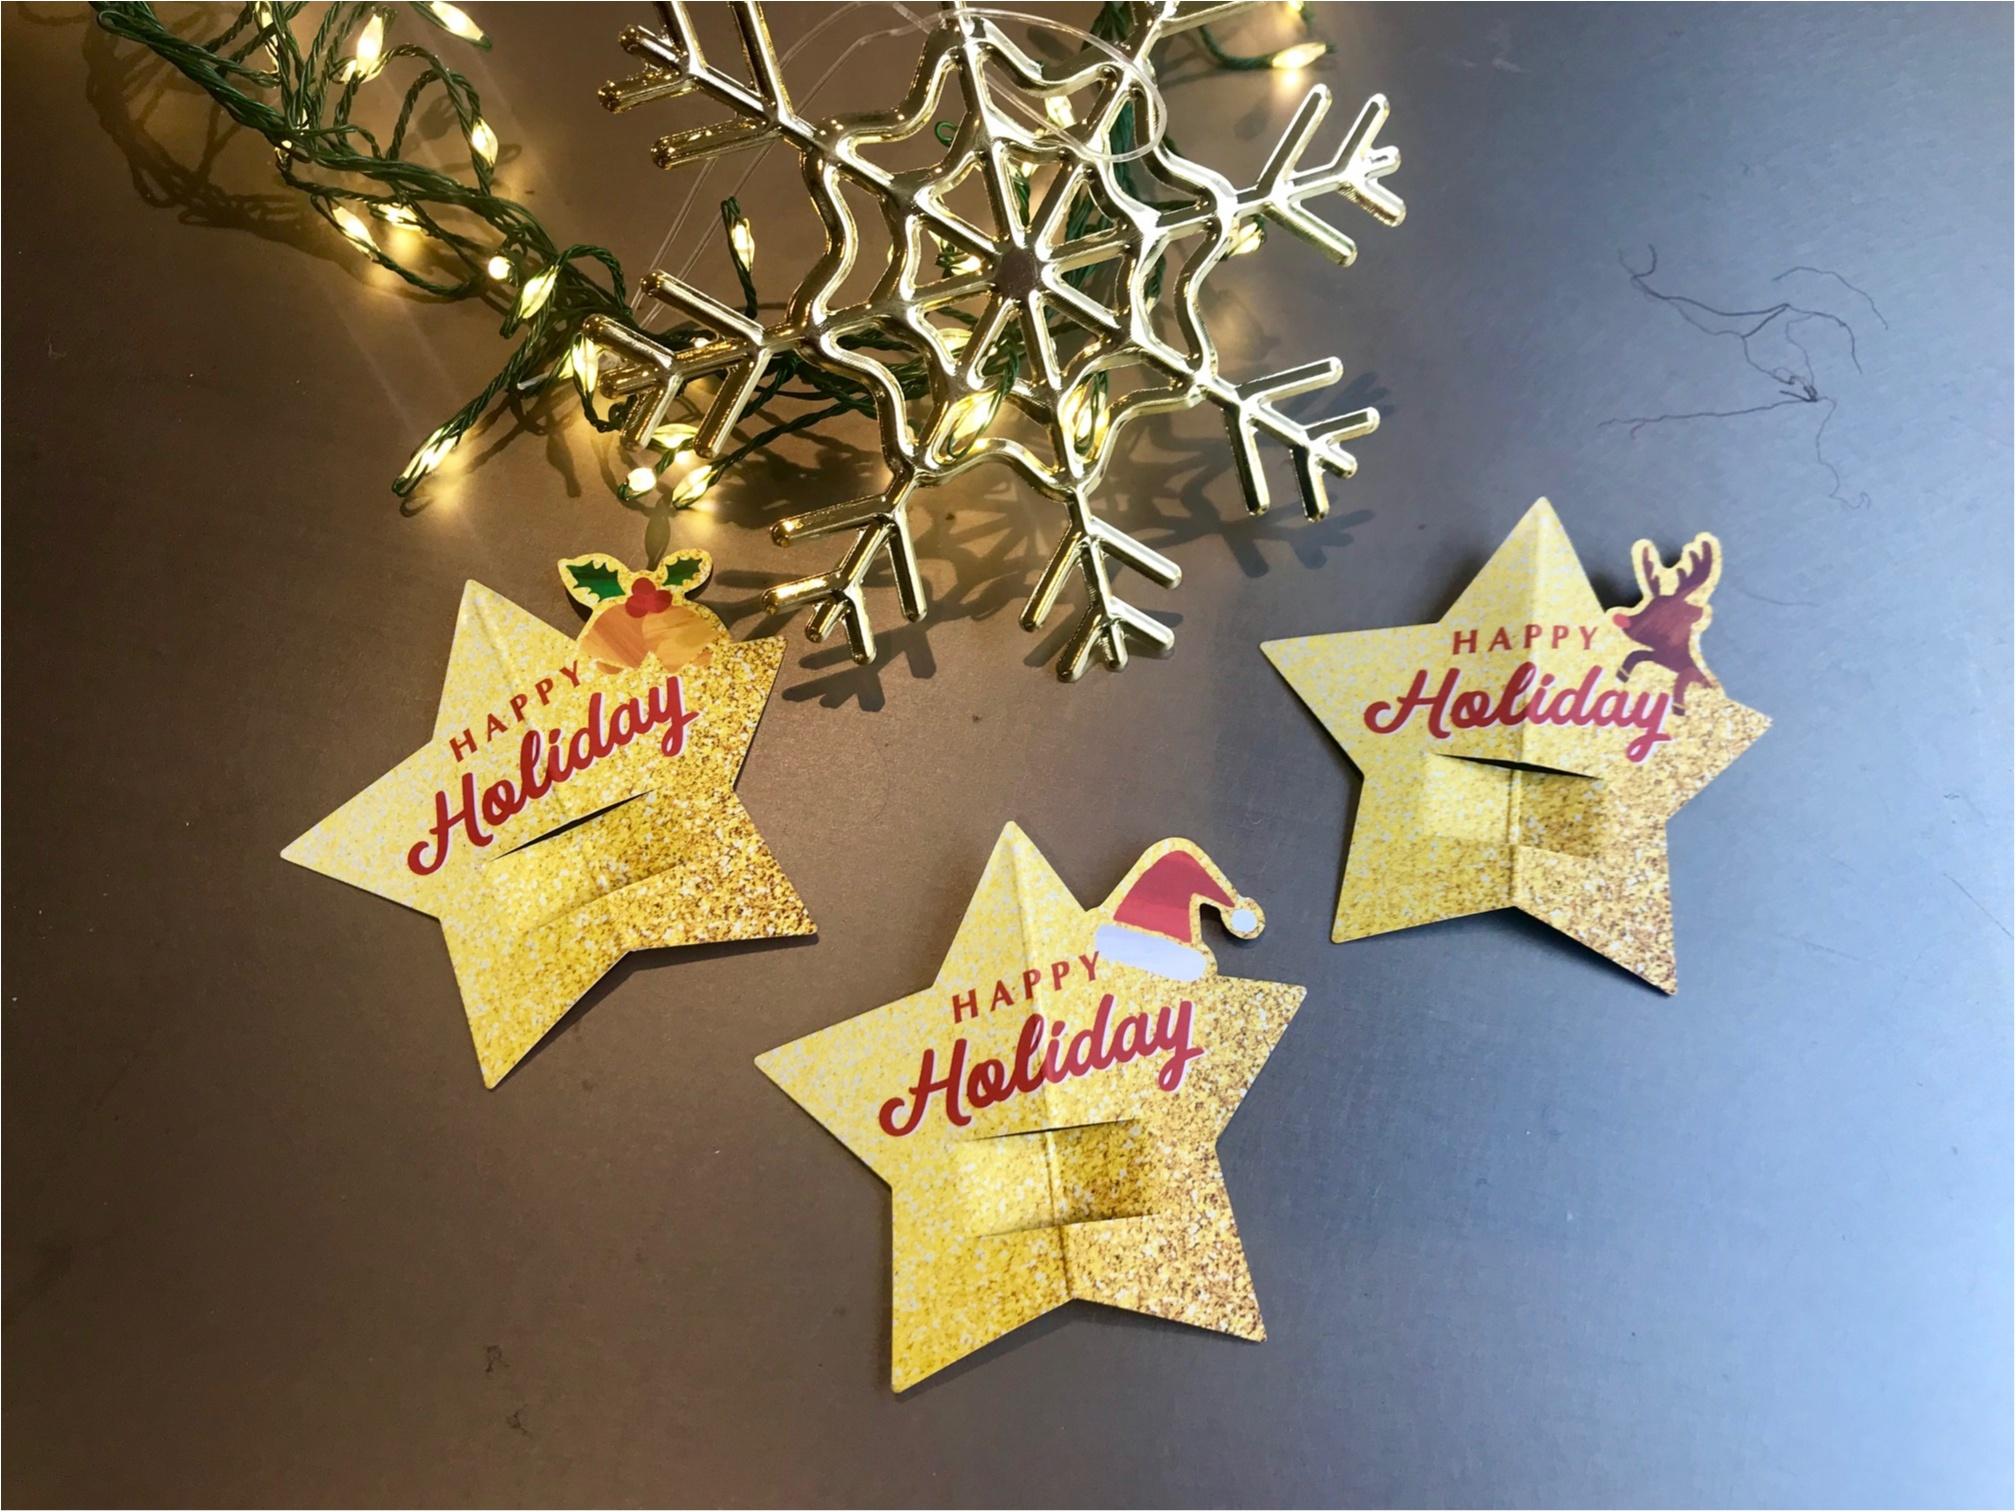 【スタバ新作試飲レポ】まるでクリスマスツリー! カスタマイズを楽しむホリデーシリーズ最終回★_3_1